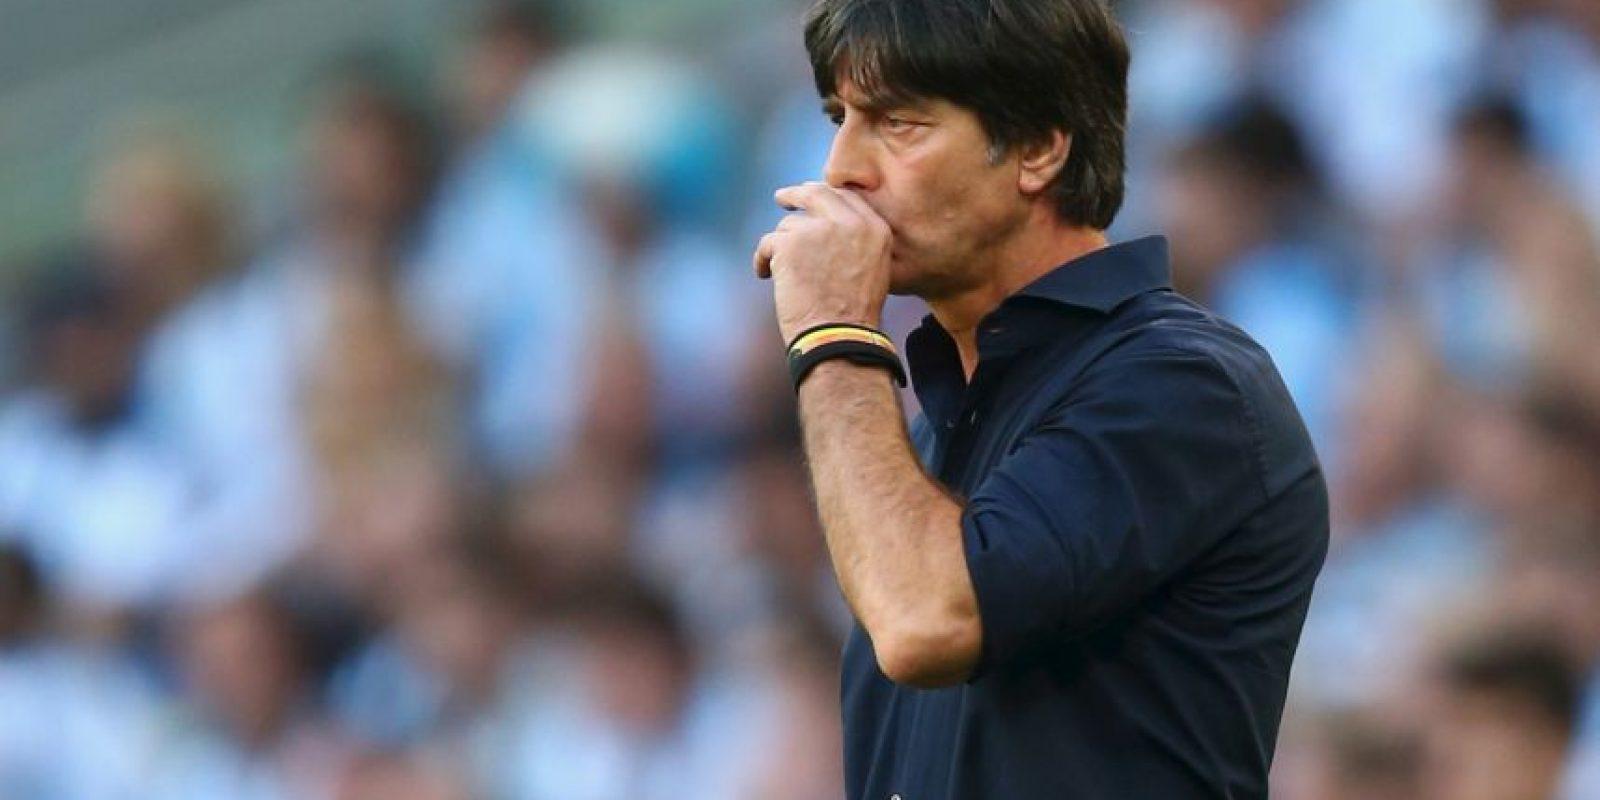 En la Eurocopa de 2008 consiguió el subcampeonato tras caer en la final ante España Foto:Getty Images